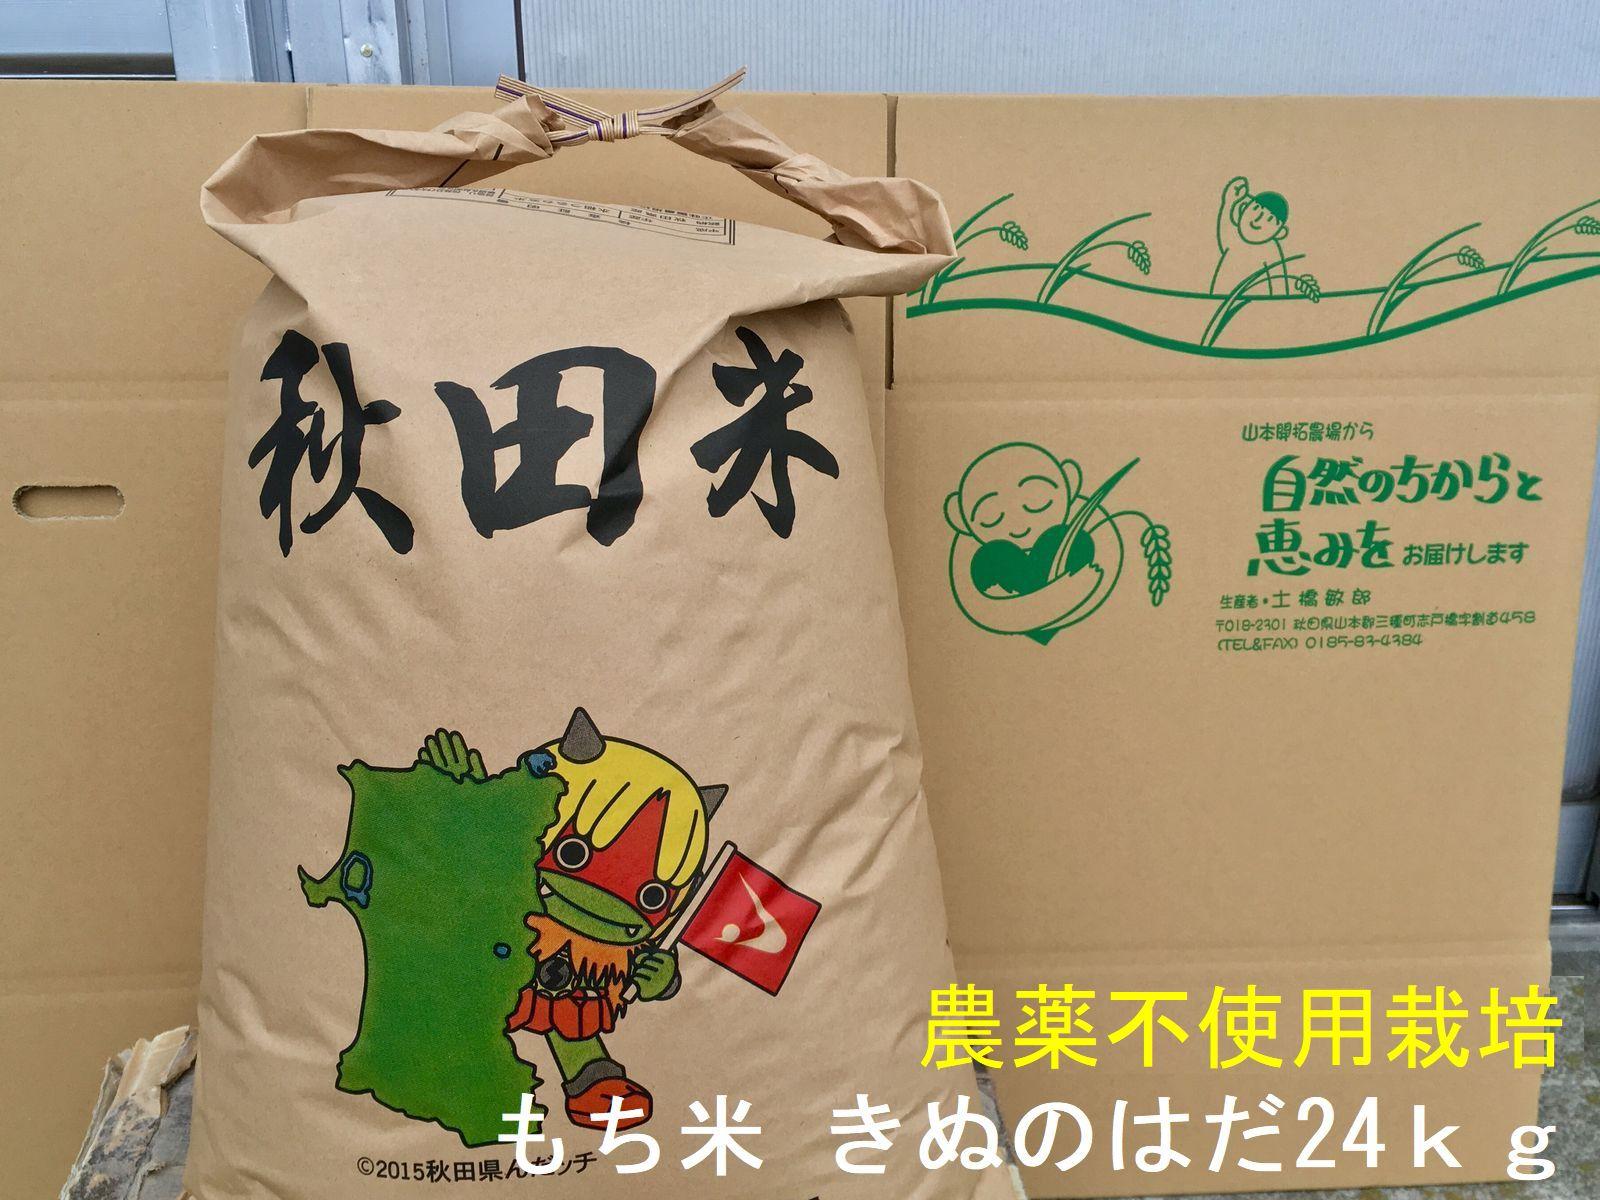 新米の予約受付開始割安な1袋でお届け 新作 人気 農薬不使用栽培で丹精込めて育てました 予約 新米 送料無料 令和3年産 玄米 秋田県産 きぬのはだ 安心で美味しいもち米24kg×1袋 農薬不使用栽培